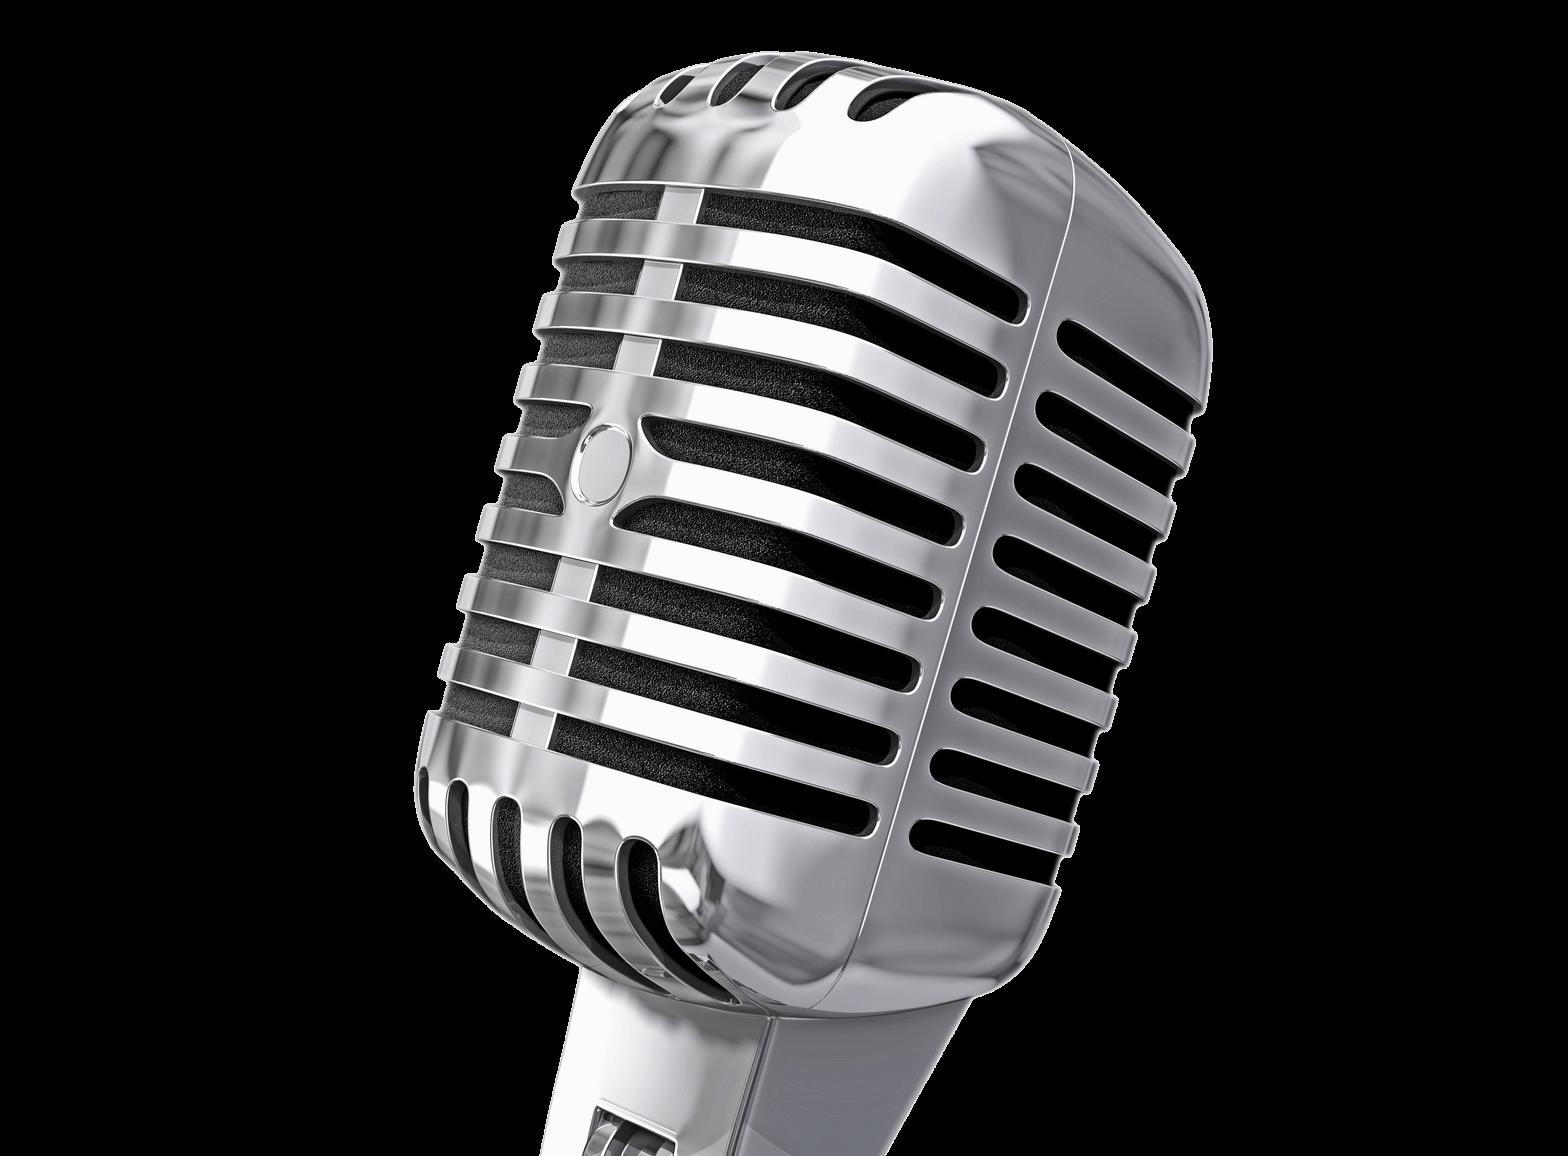 PNG Vintage Microphone - 56165